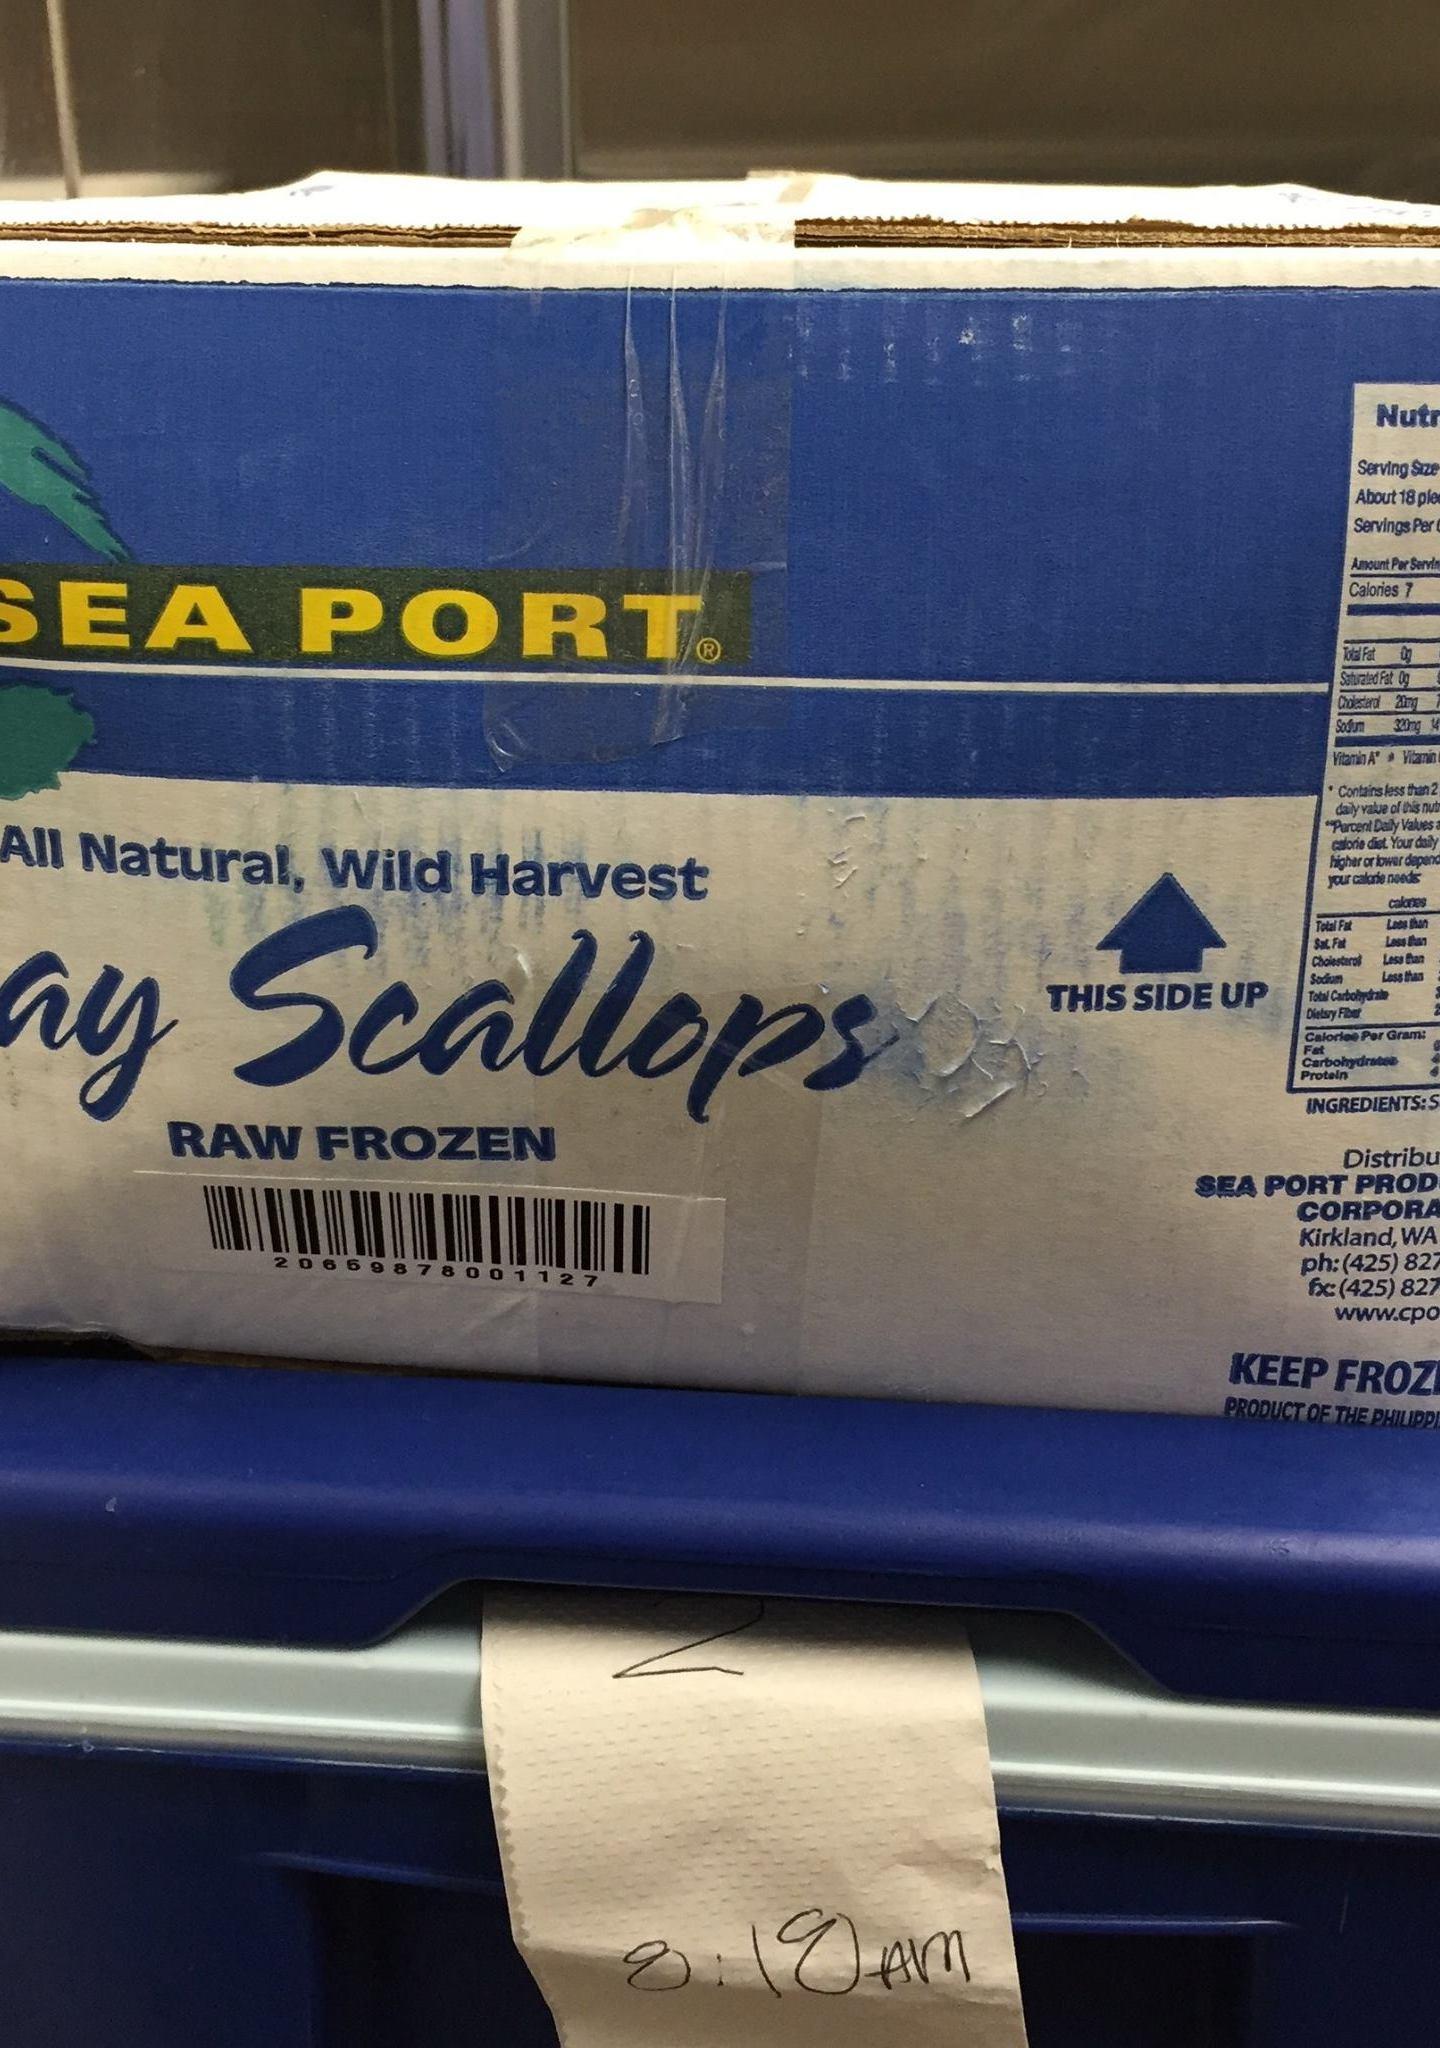 8-16 SEA PORT SCALLOPS_170826